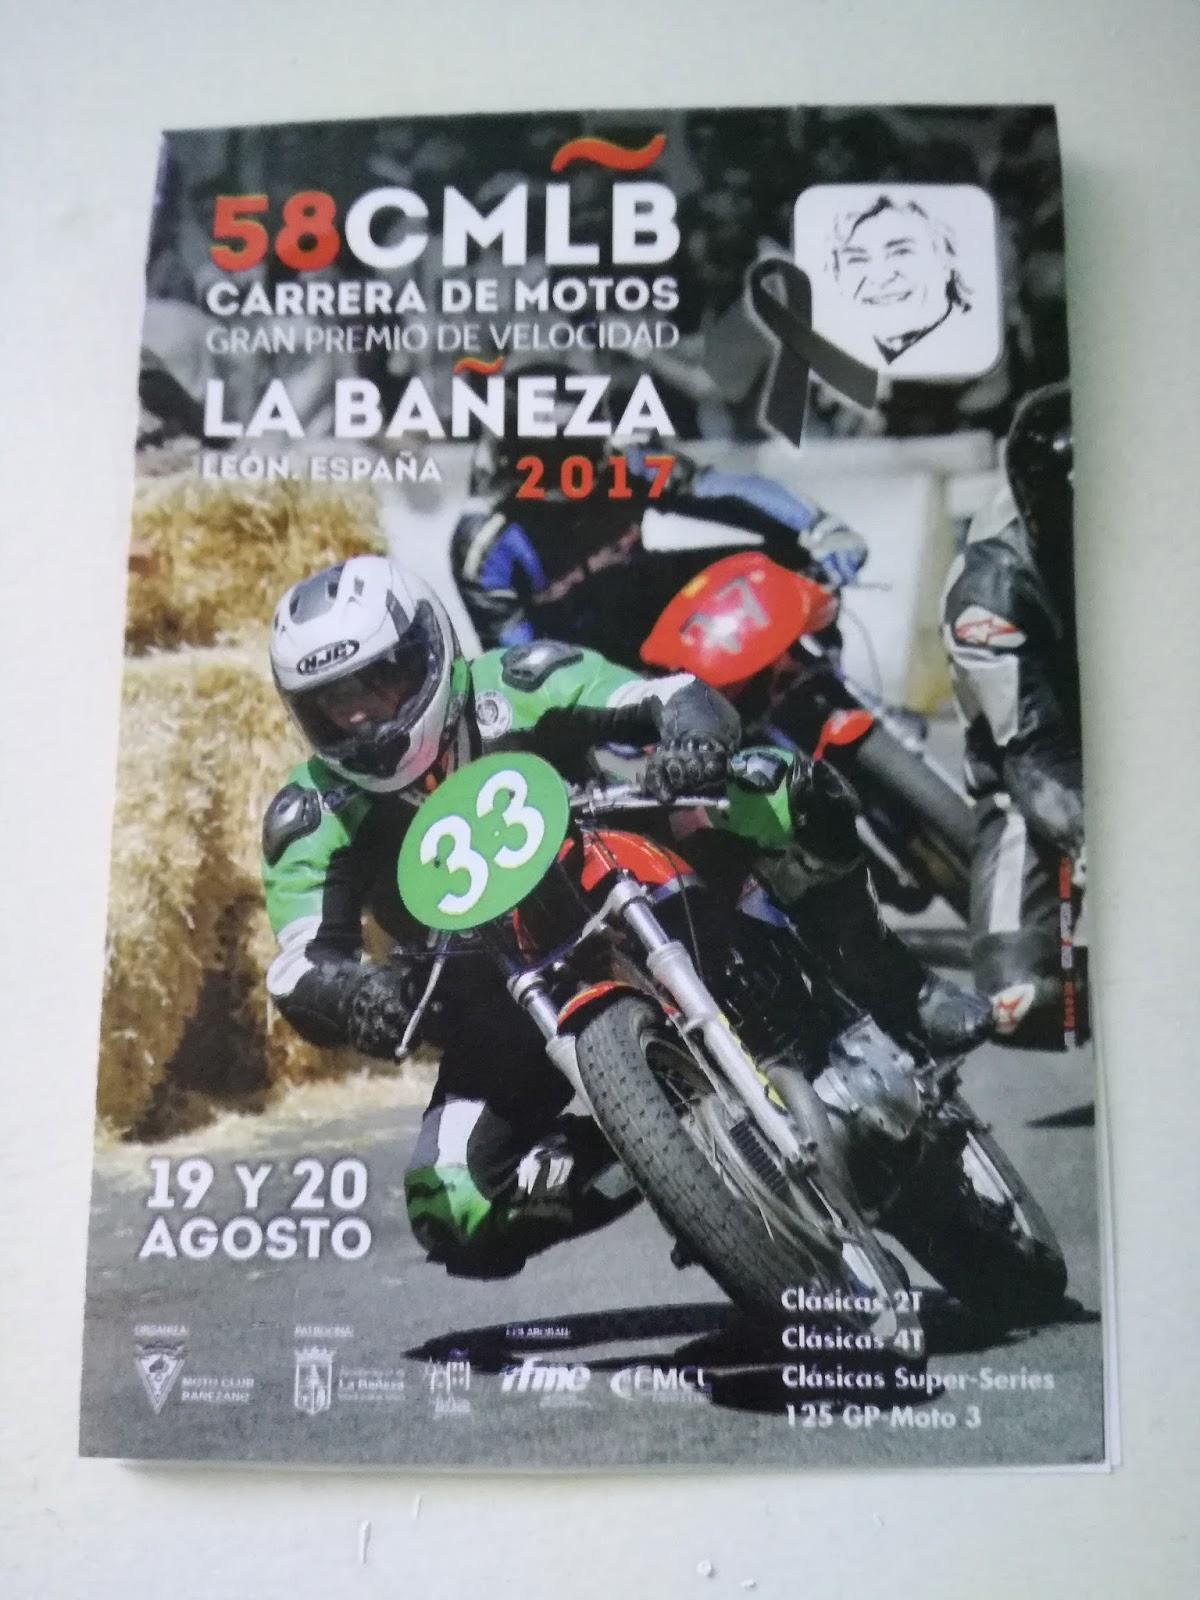 Circuito Urbano La Bañeza : La carrera de motos aumenta todas sus medidas de seguridad por mied